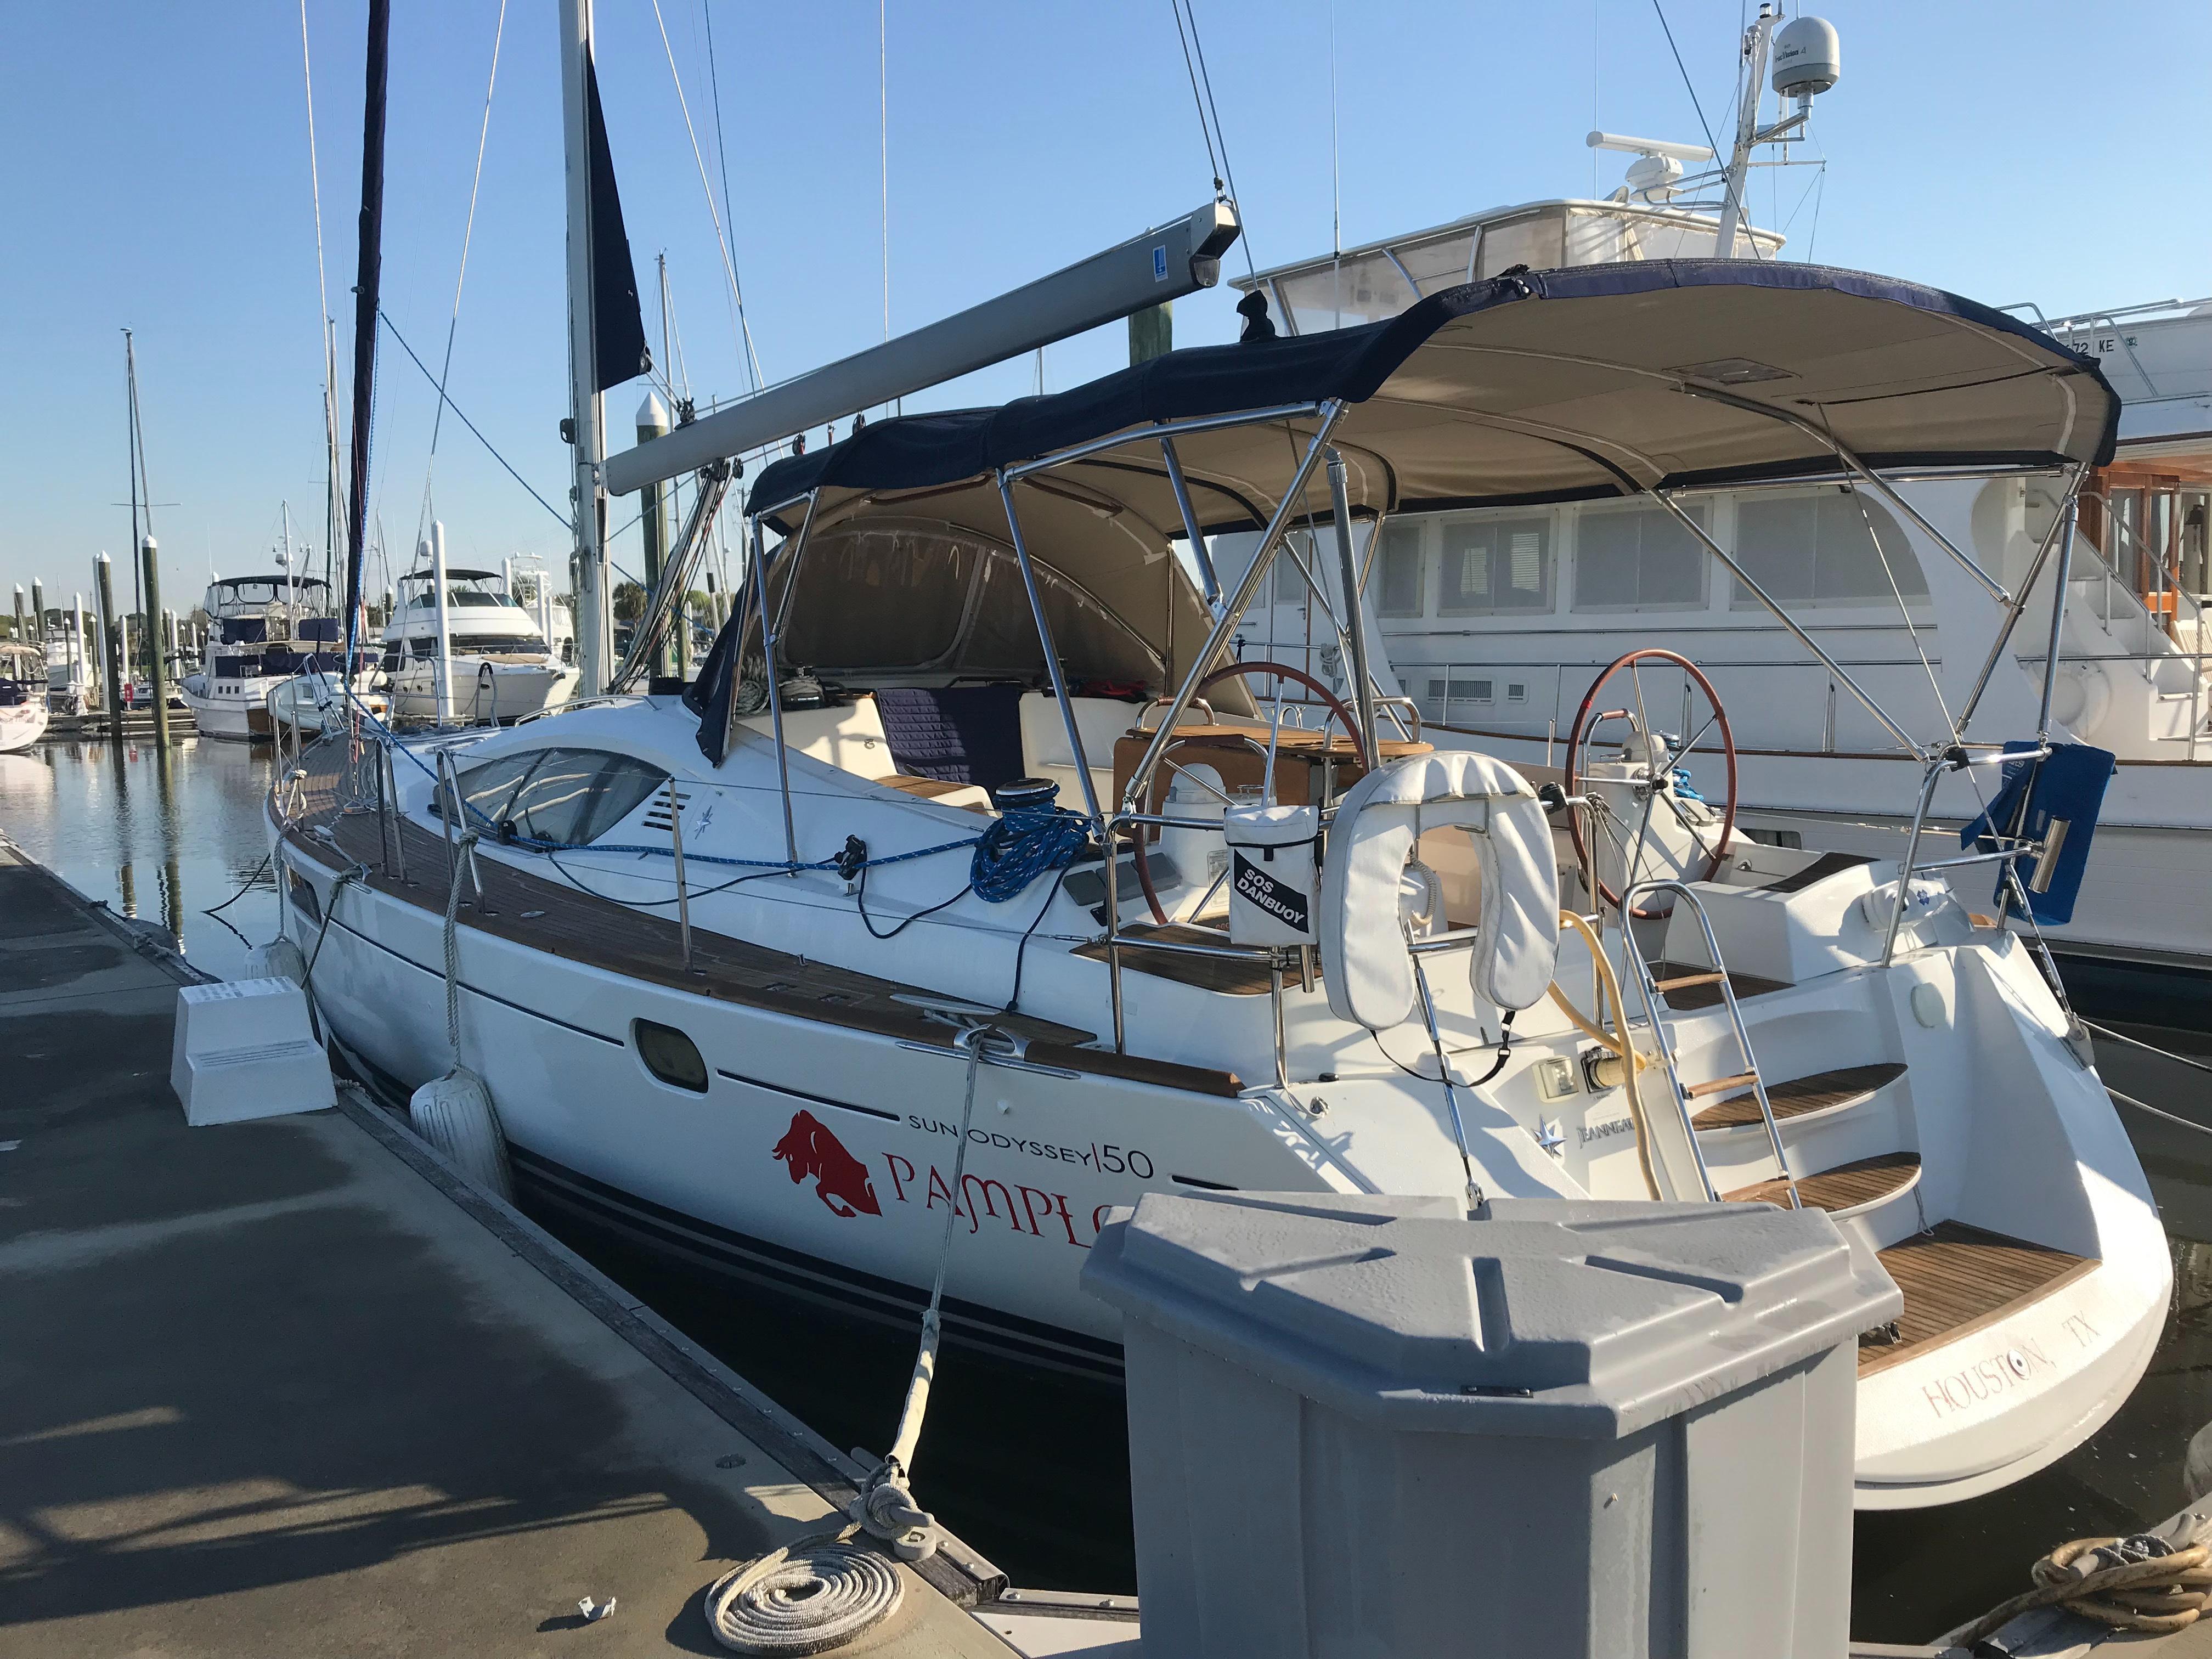 50 Jeanneau Pompalona 2011 Seabrook | Denison Yacht Sales on